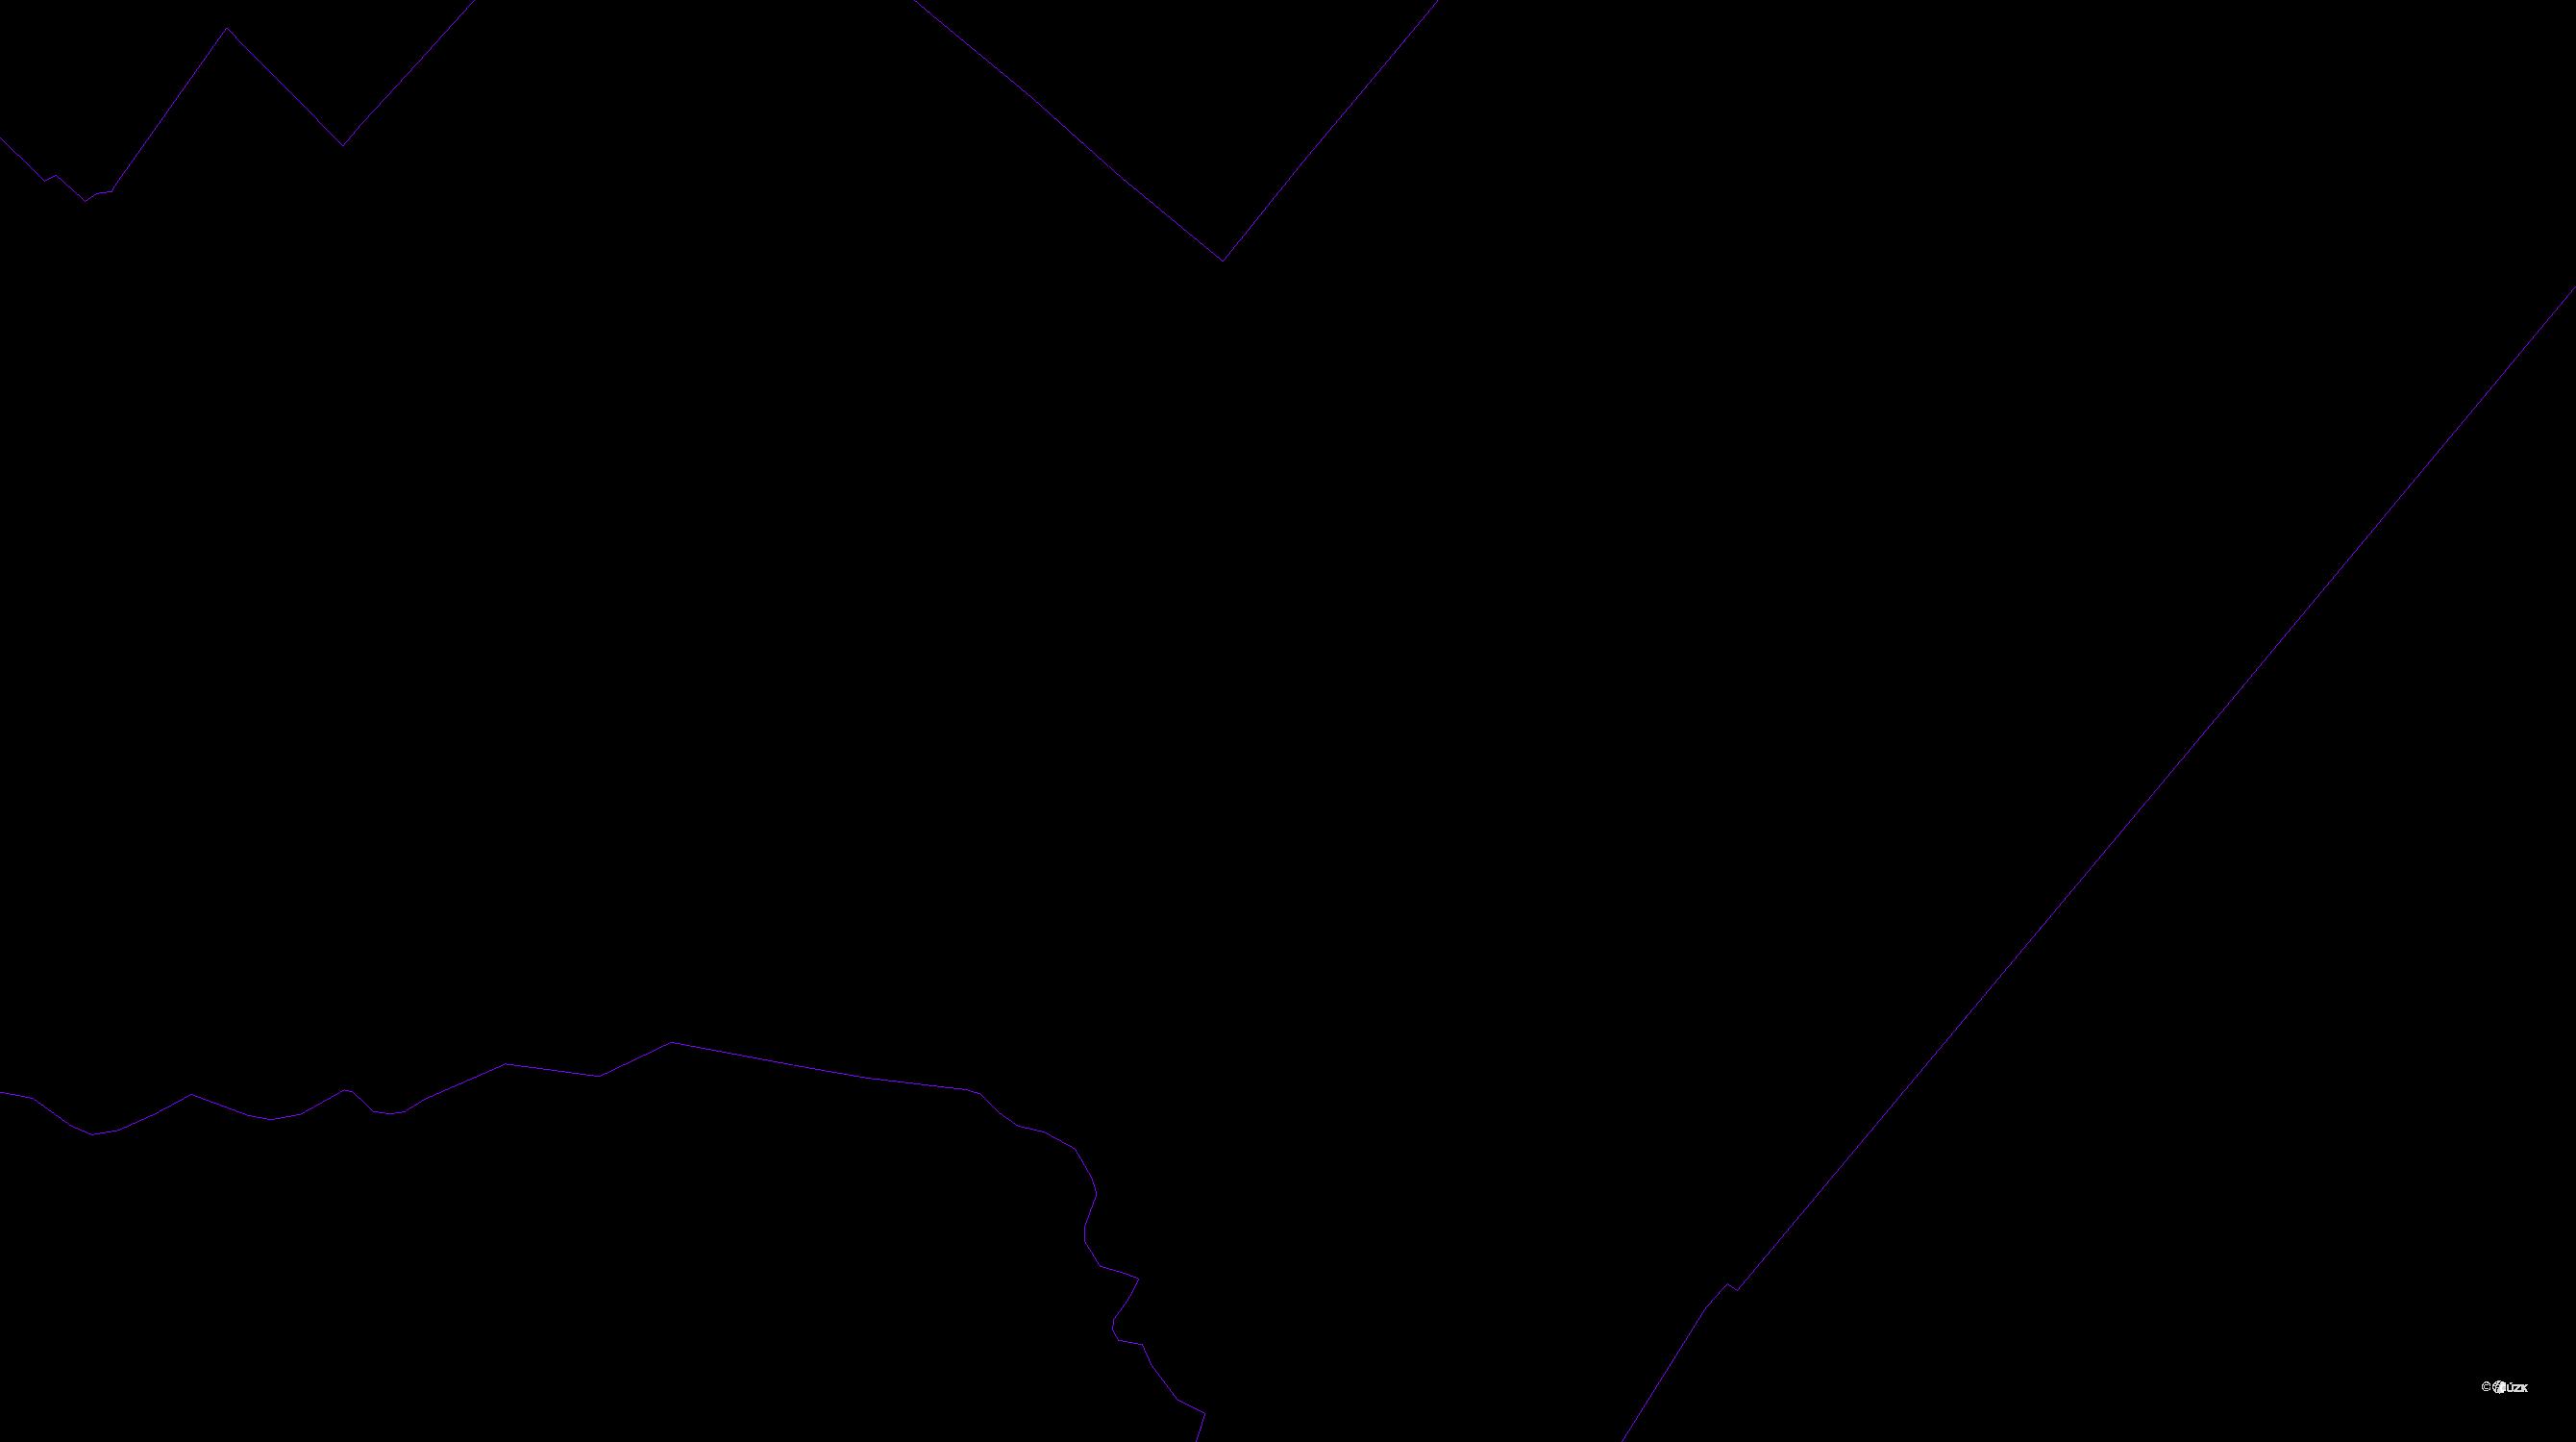 Katastrální mapa pozemků a čísla parcel Čechůvky